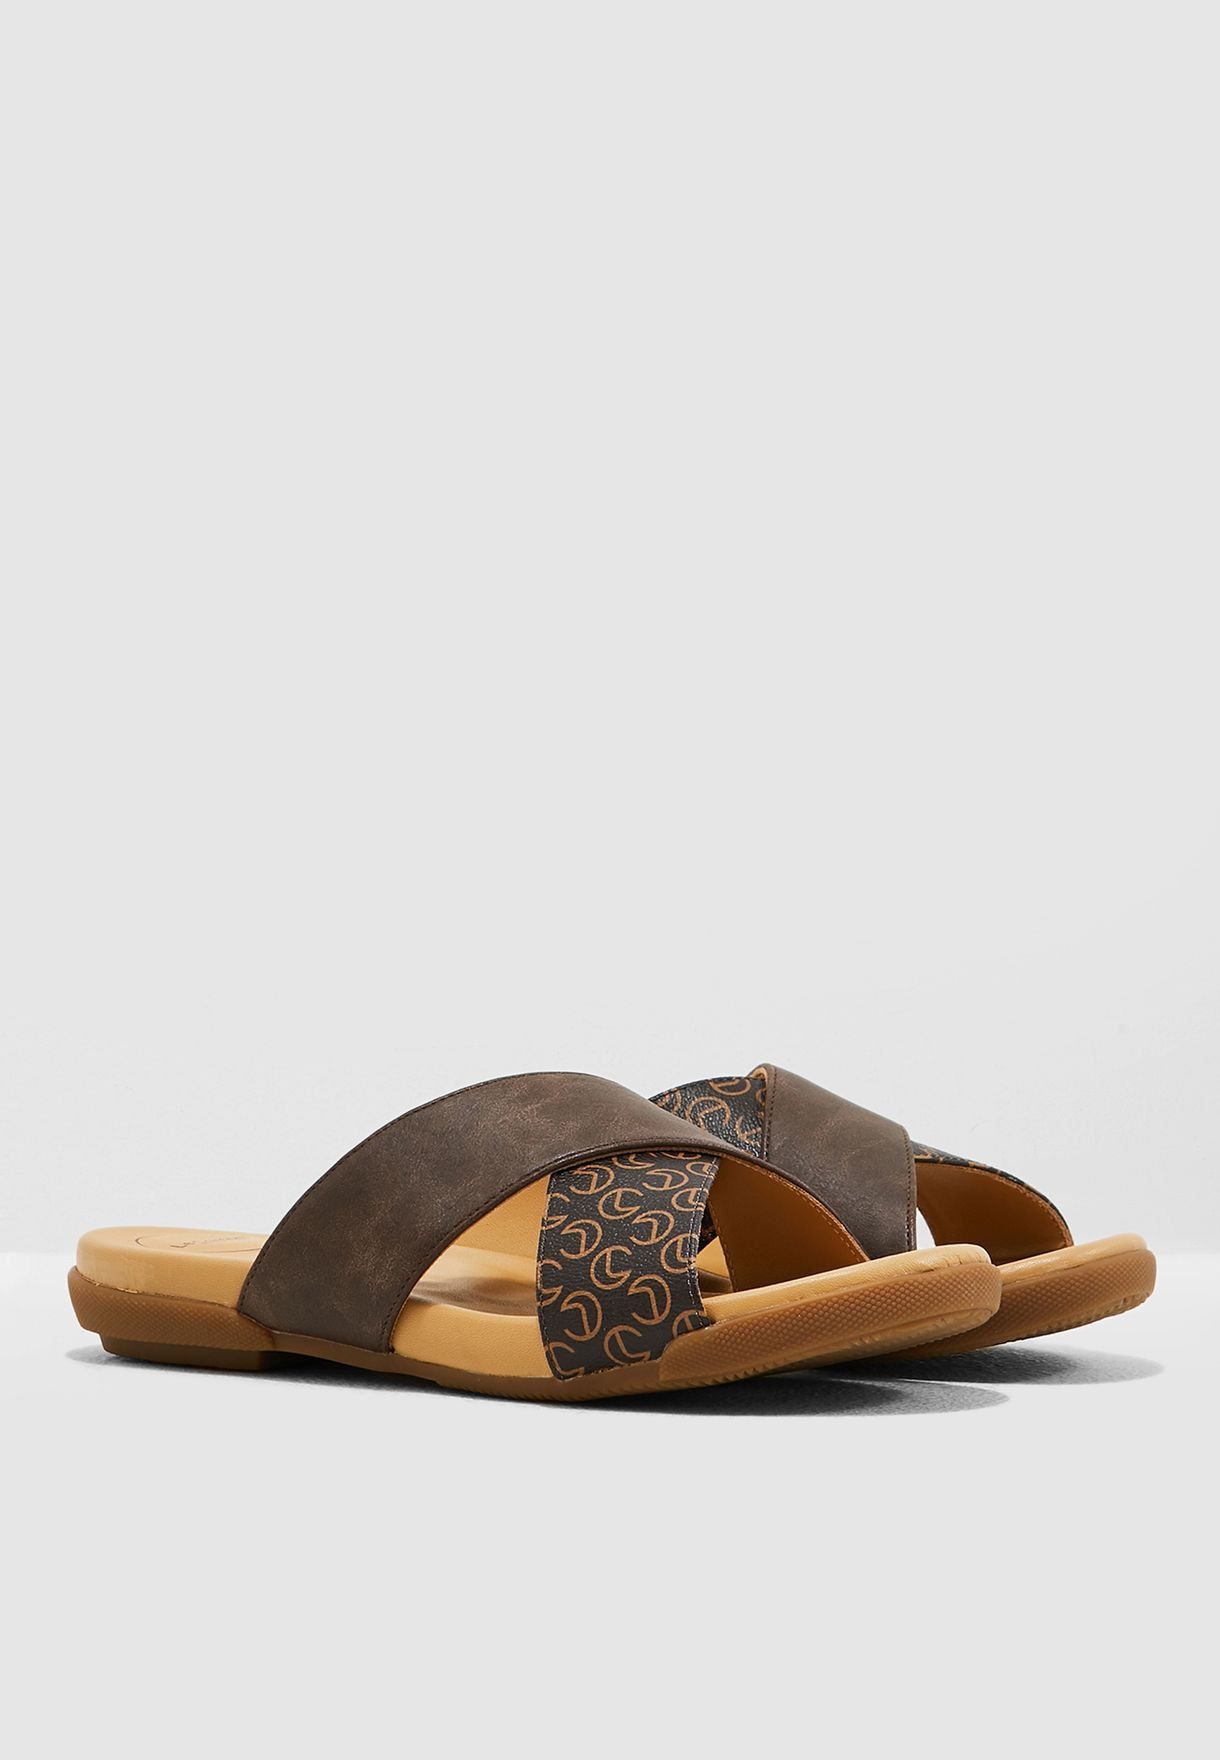 Cross Strap Sandal - Brown